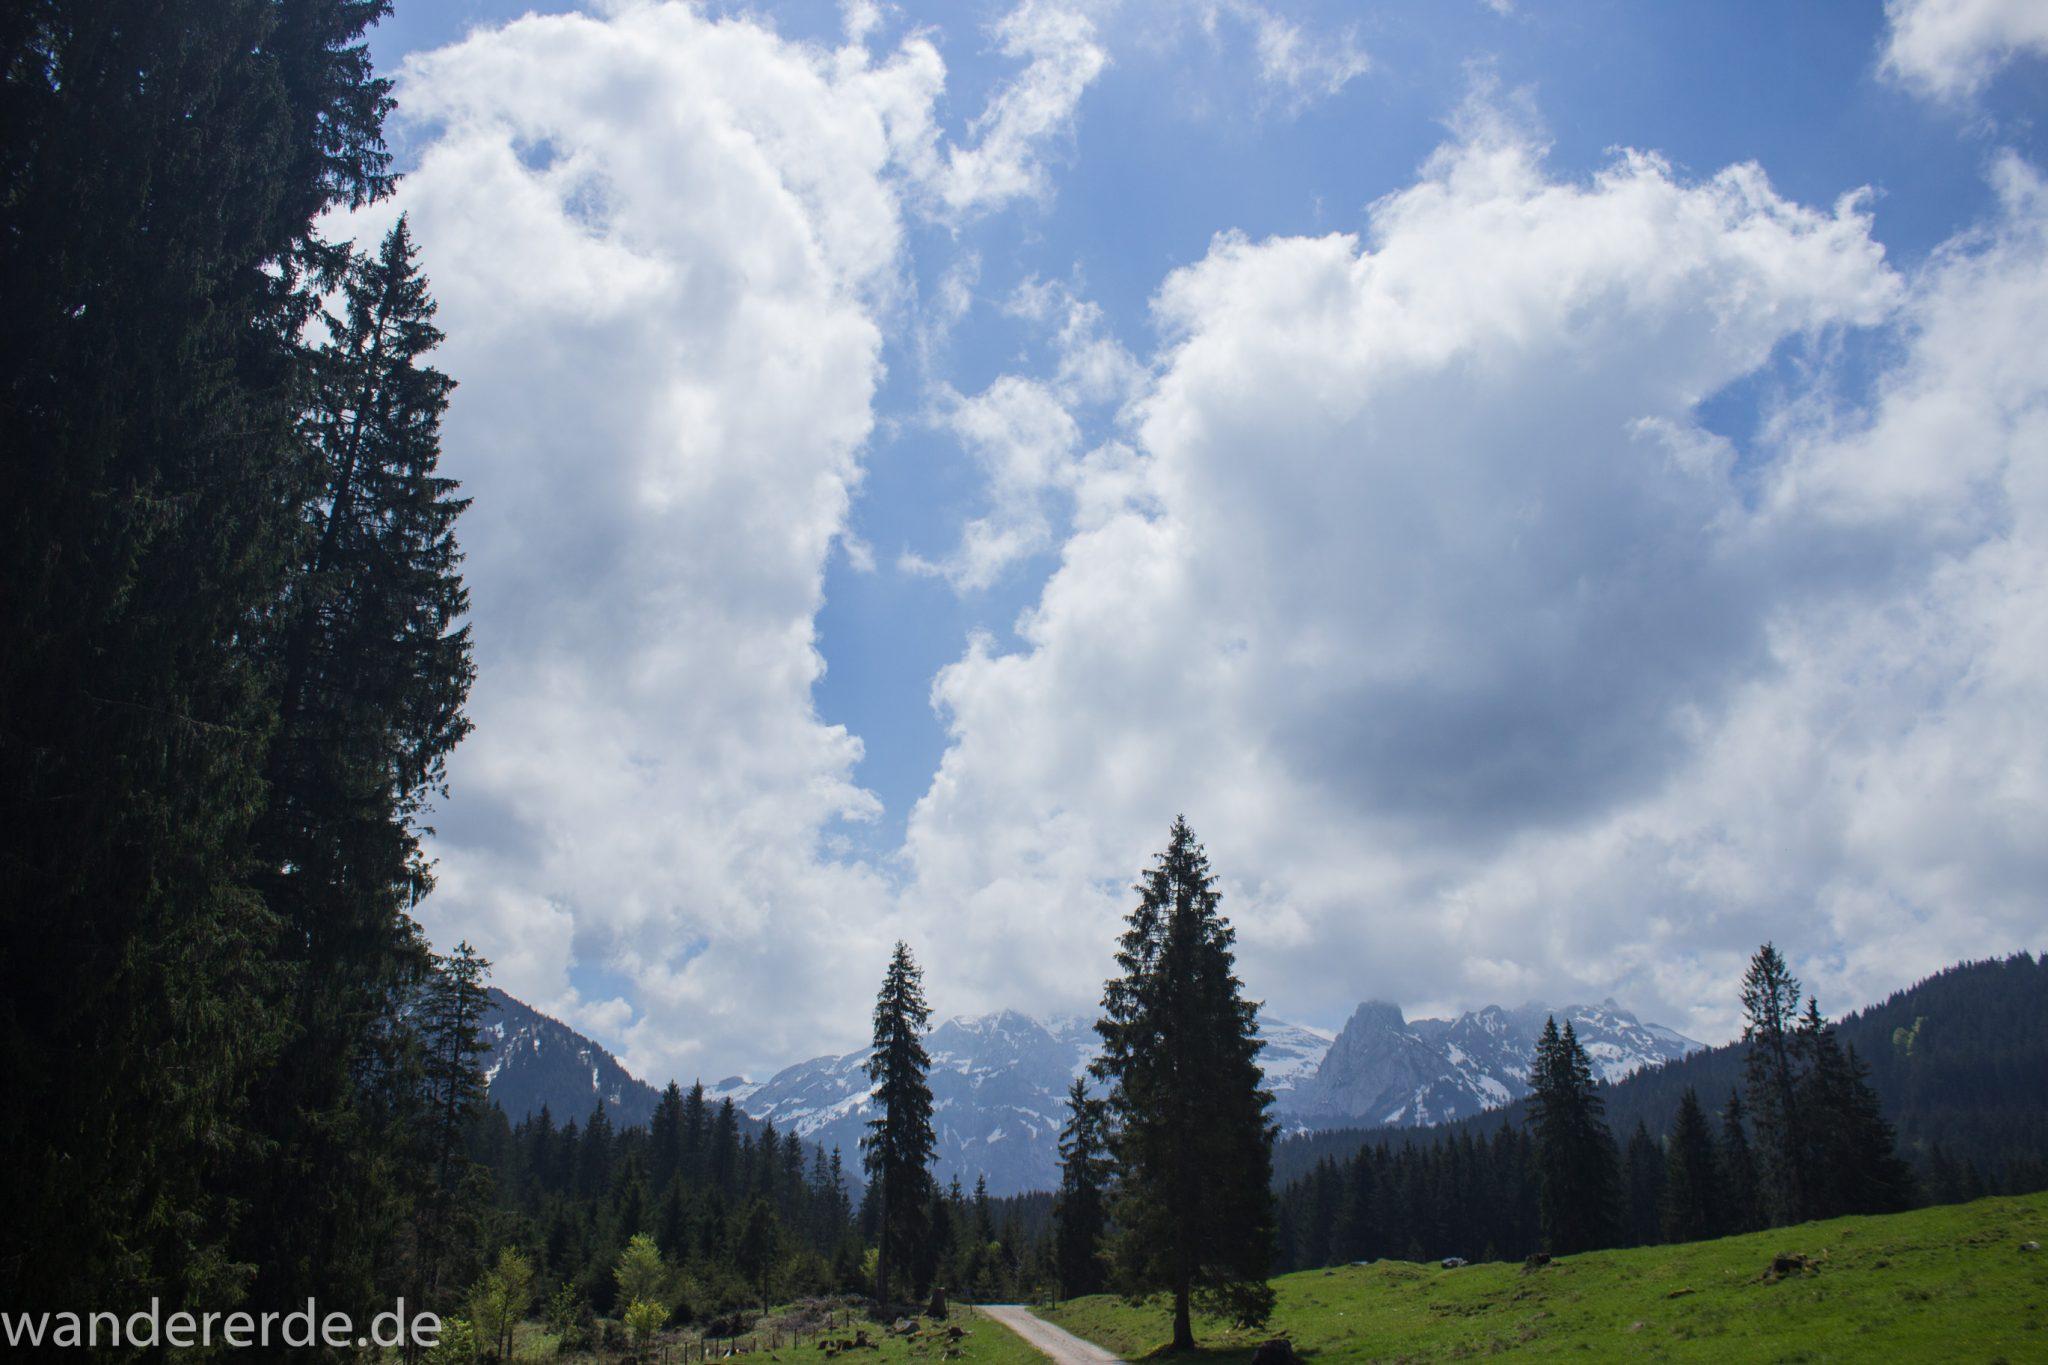 Wanderung zur Kenzenhütte in den Ammergauer Alpen, breiterer Kieselweg führt Richtung Berge, teils schneebedeckte Gipfel in Wolken gehüllt, Frühjahr in den bayerischen Alpen, dichter grüner Wald und saftige Wiesen